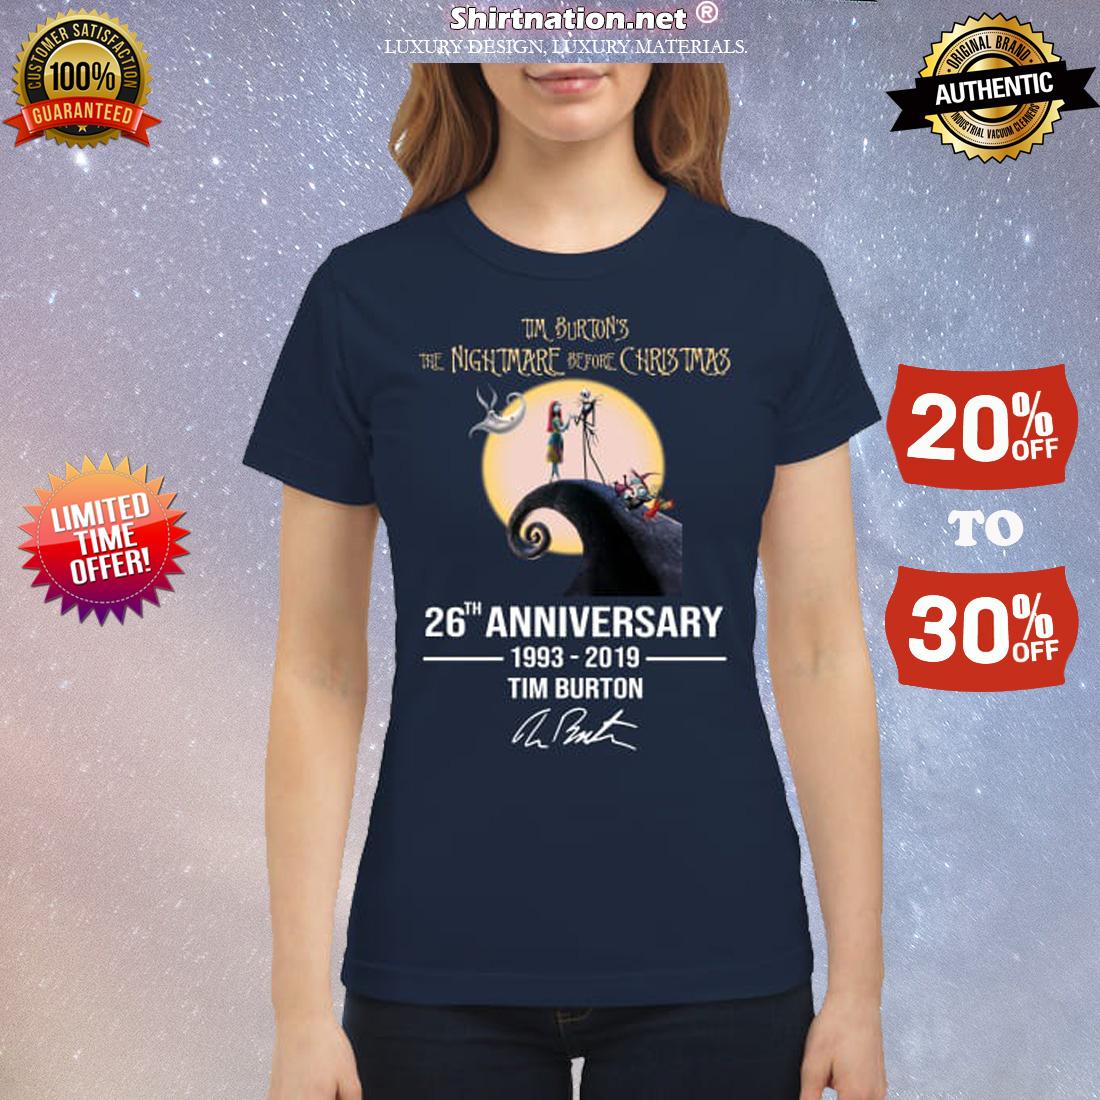 Tim Burtons nightmare before Christmas 26th anniversary classic shirt